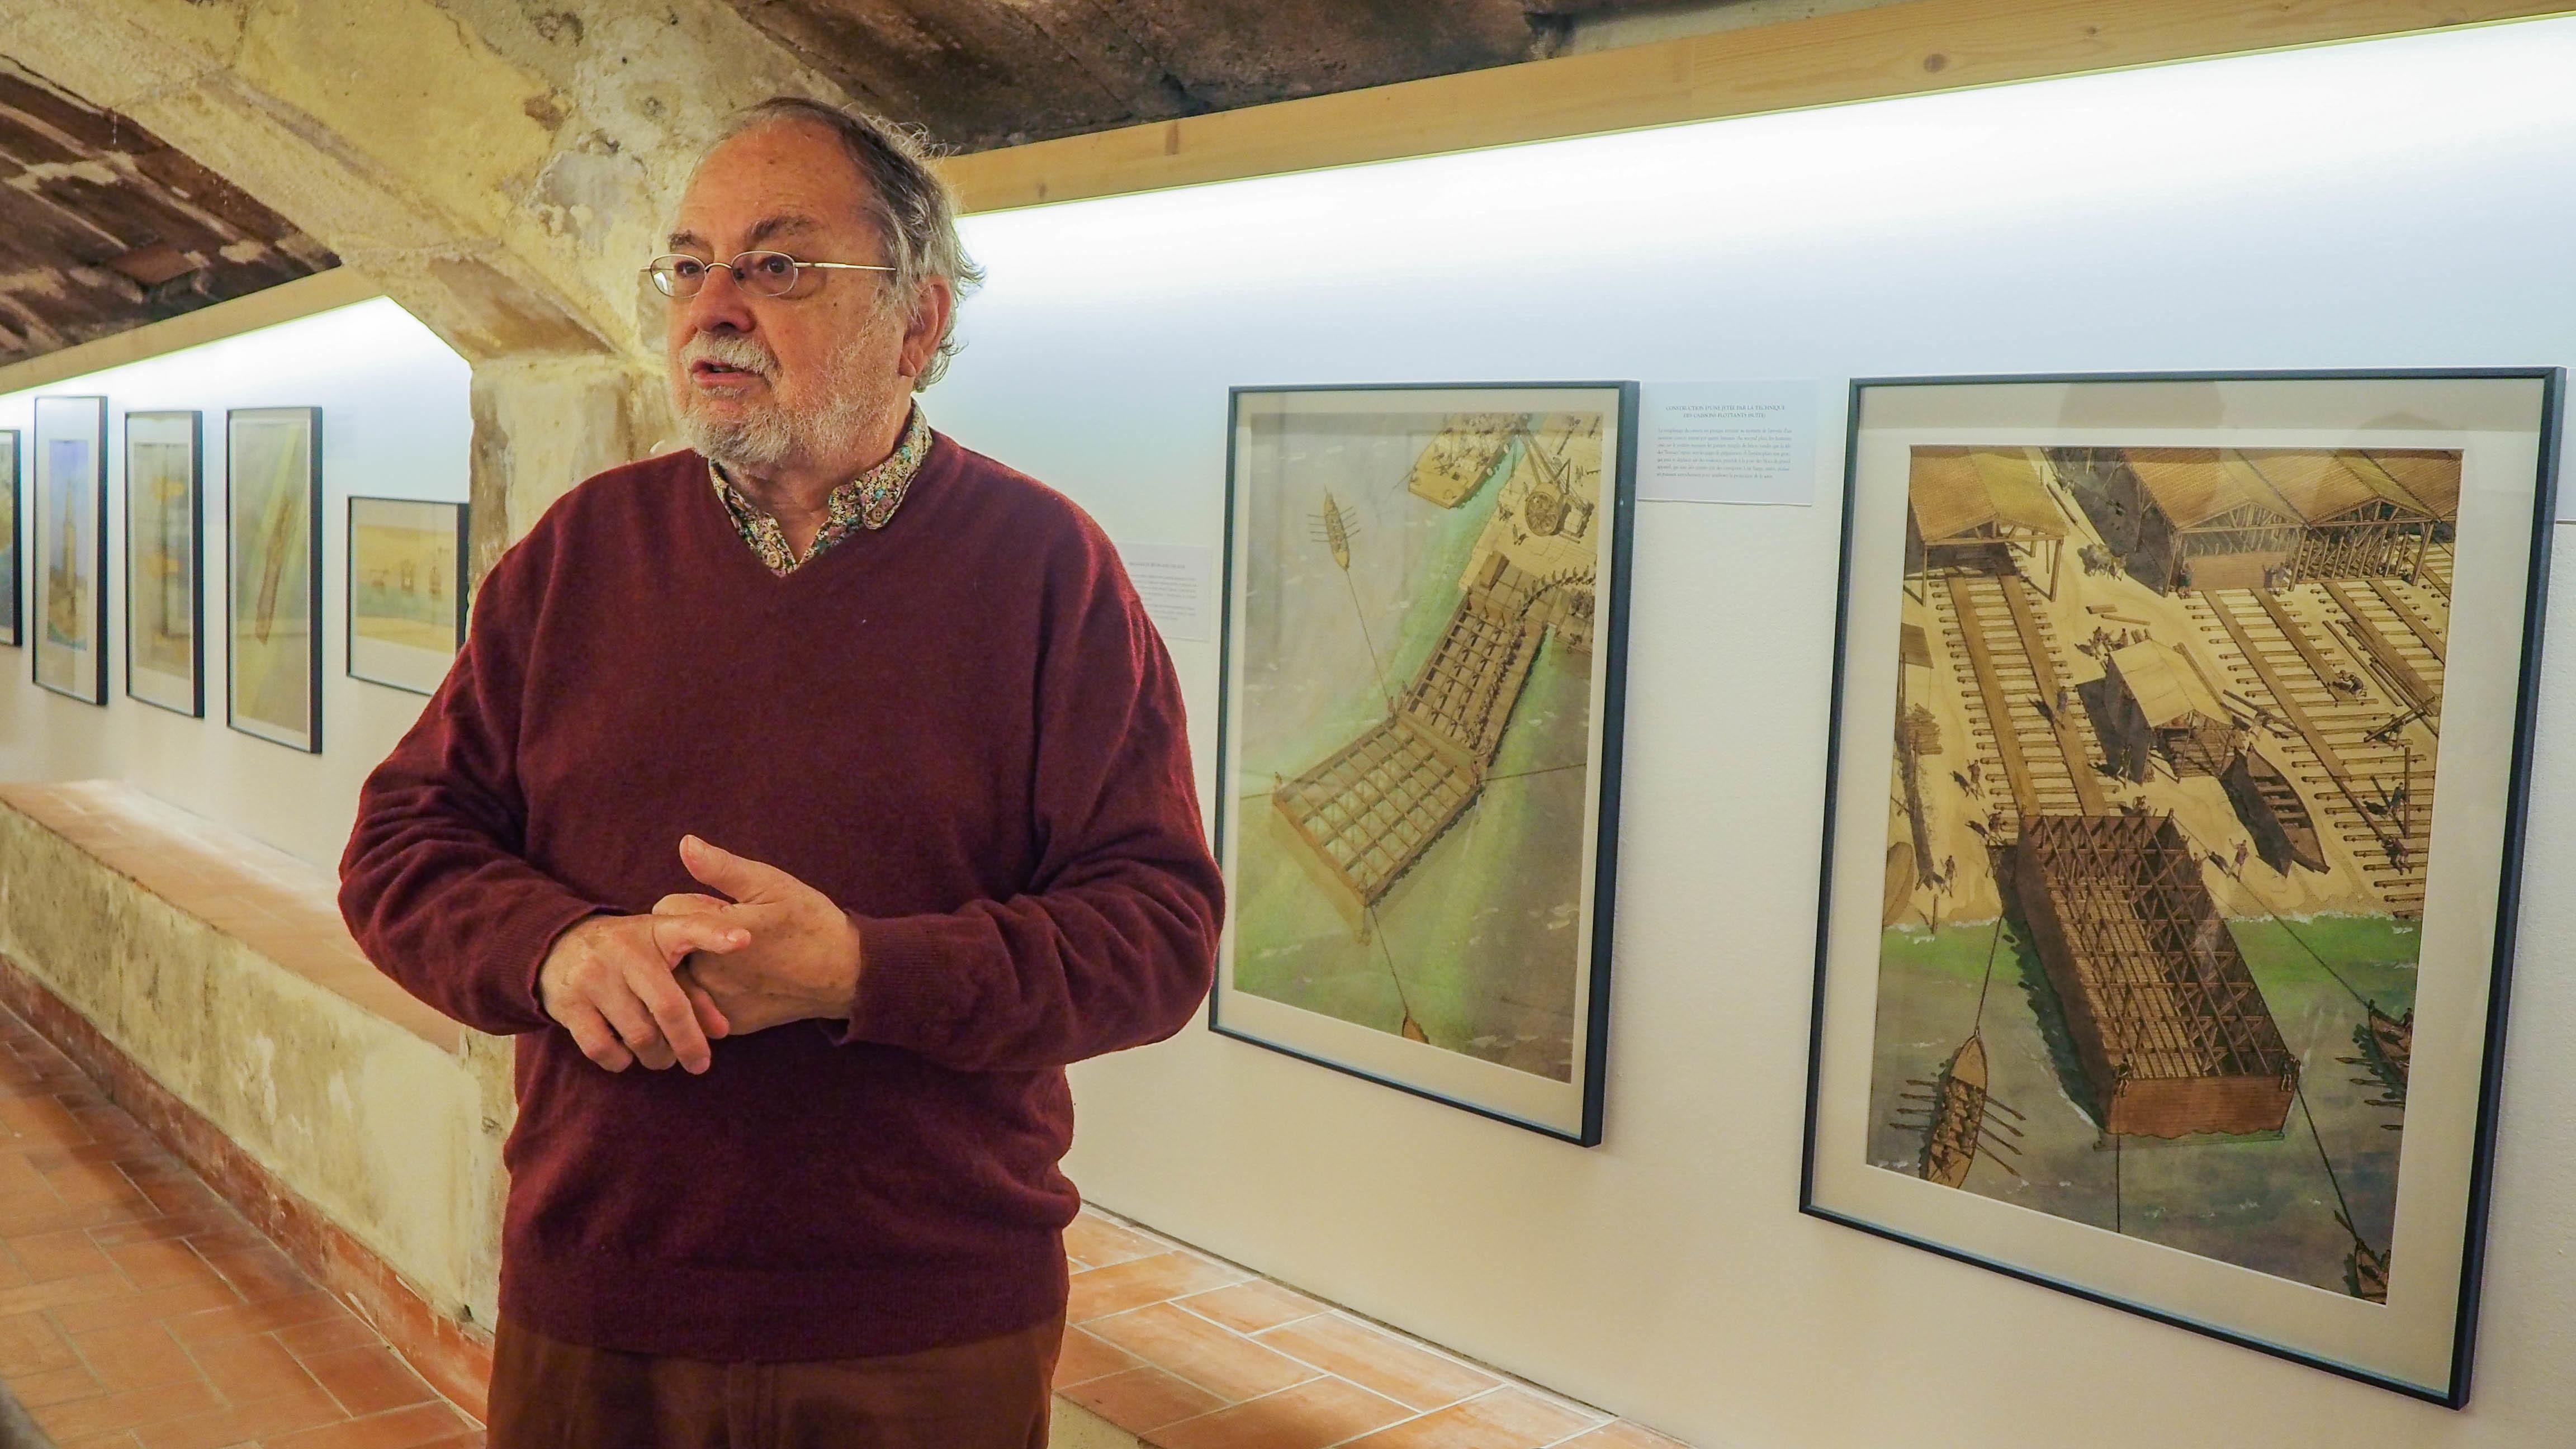 """Visite guidée de l'exposition """" Le génie maritime et le génie civil romains """" de Jean-Claude Golvin et Gérard Coulon, suivie d'une conférence et d'une séance de dédicaces."""